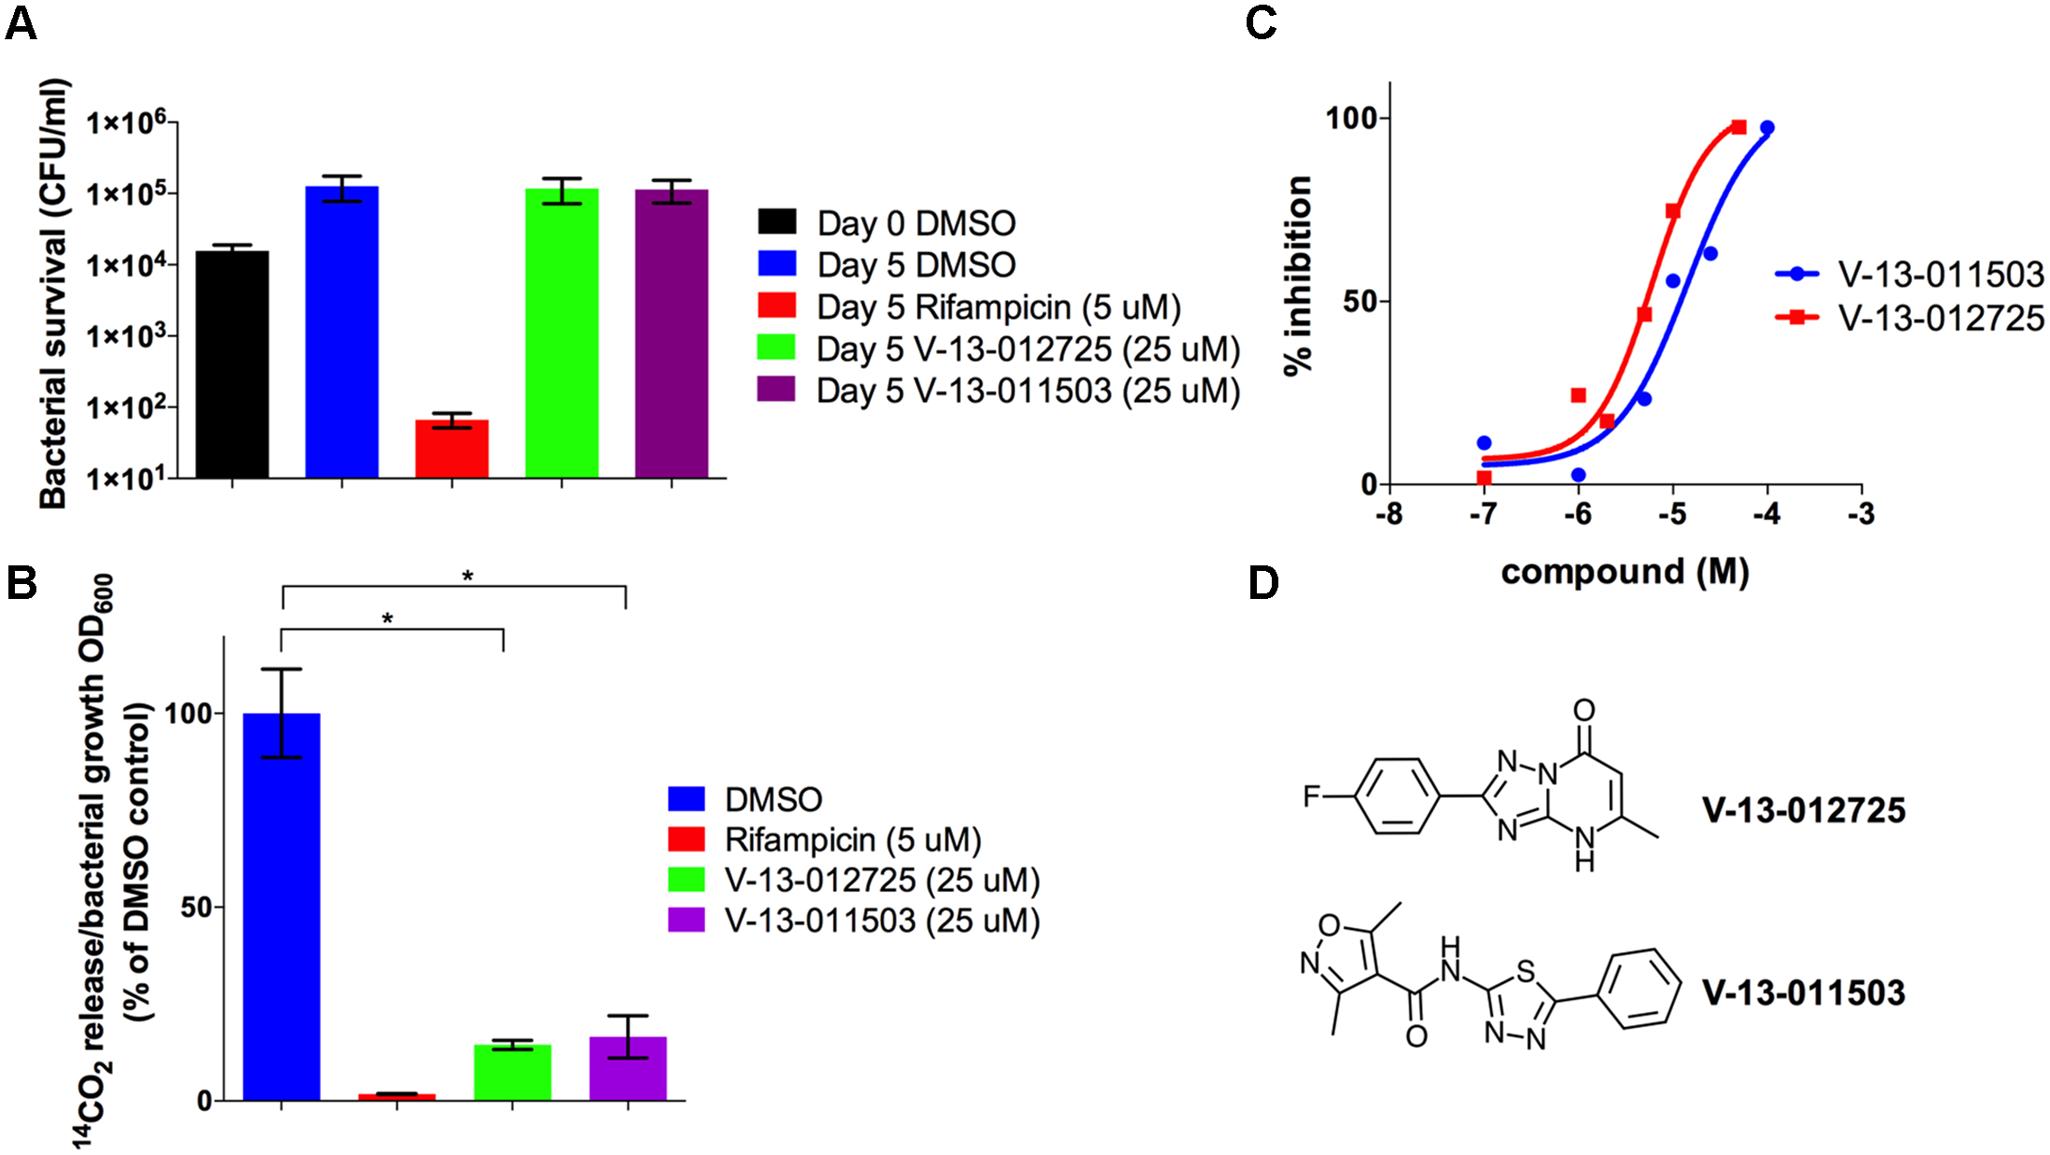 V-13–012725 and V-13–011503 inhibit cholesterol breakdown.